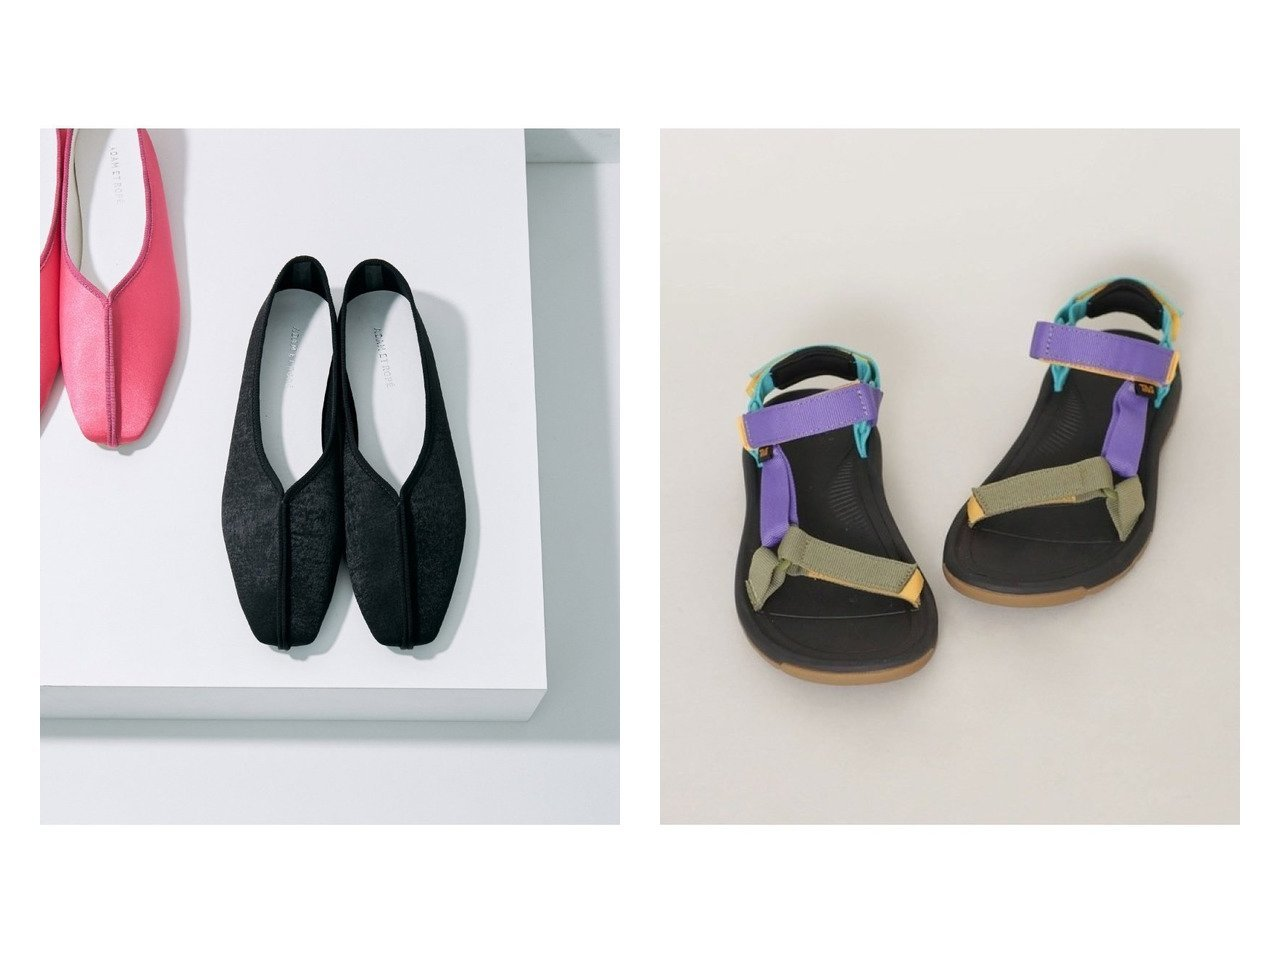 【ADAM ET ROPE'/アダム エ ロペ】のスクエアトゥチャイナシューズ&【TEVA/テバ】のBRMLT 【シューズ・靴】おすすめ!人気、トレンド・レディースファッションの通販 おすすめで人気の流行・トレンド、ファッションの通販商品 インテリア・家具・メンズファッション・キッズファッション・レディースファッション・服の通販 founy(ファニー) https://founy.com/ ファッション Fashion レディースファッション WOMEN NEW・新作・新着・新入荷 New Arrivals アウトドア クッション サンダル シューズ スポーツ ソックス ミュール ラップ 定番 Standard 軽量 サテン スラックス バランス ファブリック フォルム フラット A/W・秋冬 AW・Autumn/Winter・FW・Fall-Winter 2021年 2021 2021-2022秋冬・A/W AW・Autumn/Winter・FW・Fall-Winter・2021-2022 おすすめ Recommend |ID:crp329100000063752